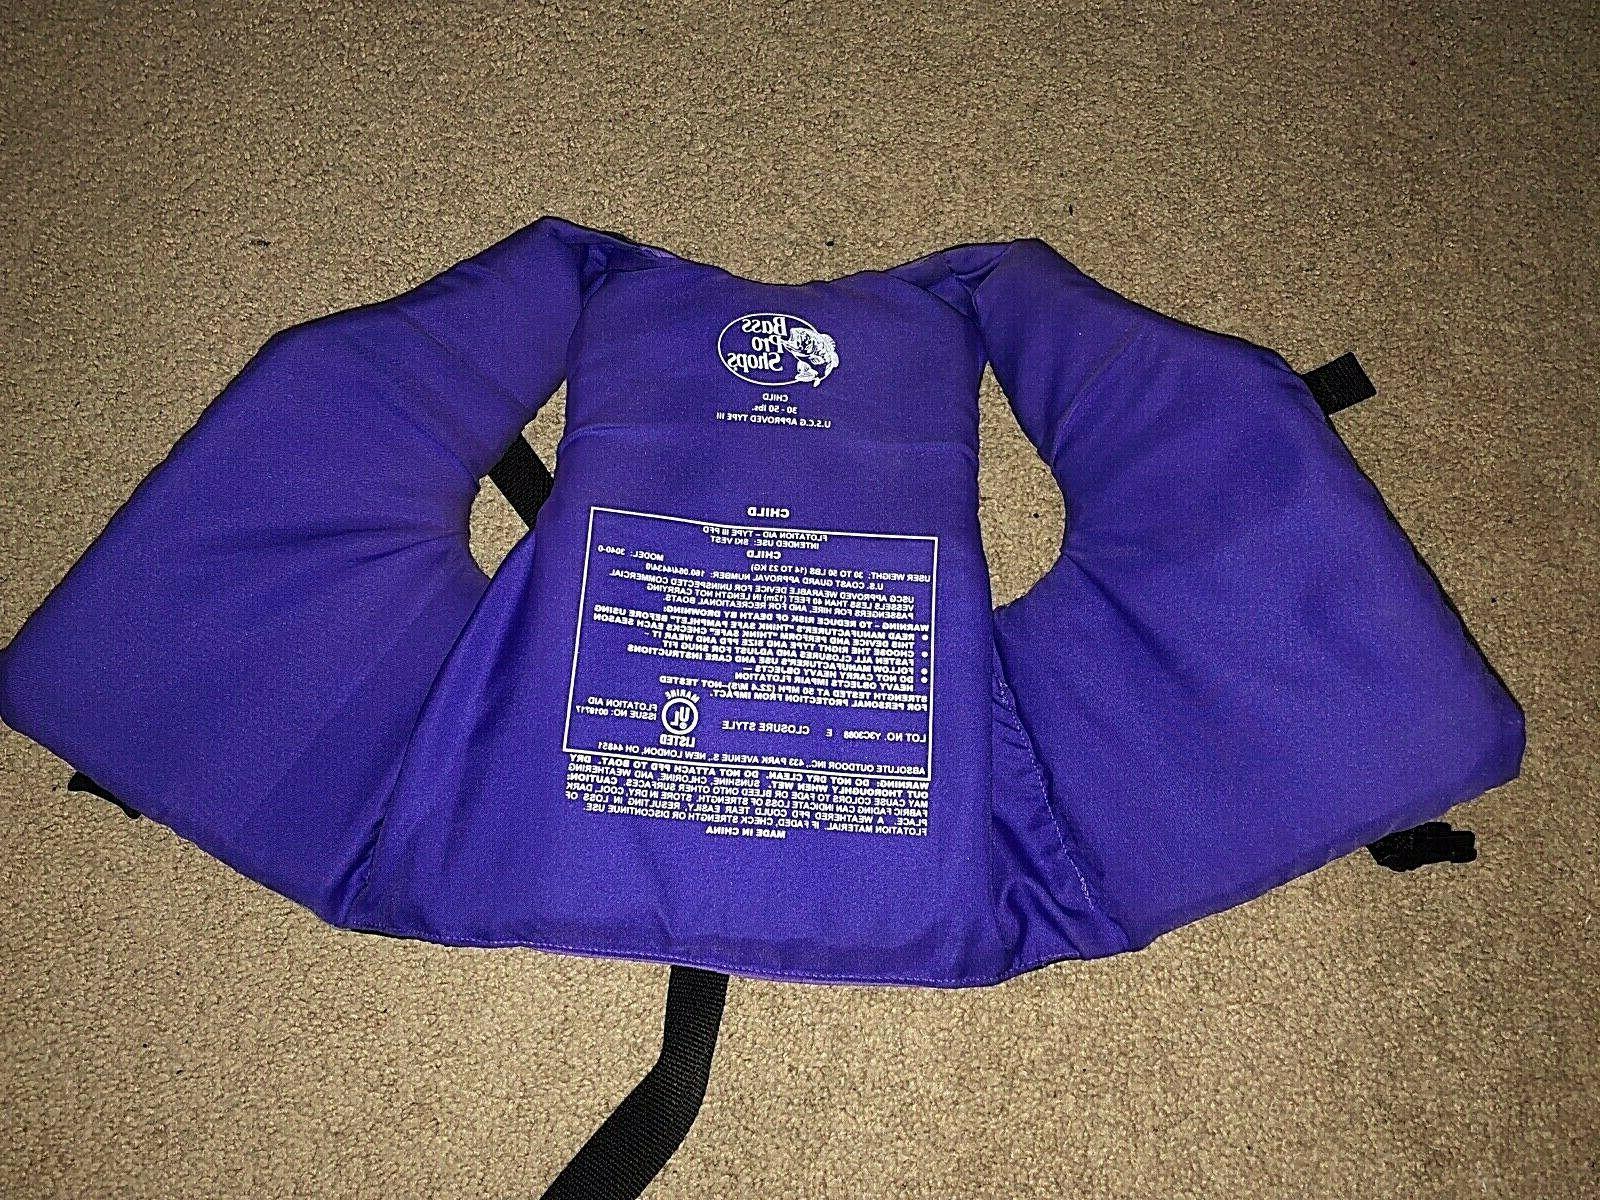 Youth Life USCG Type 30-50 Purple Bass Pro